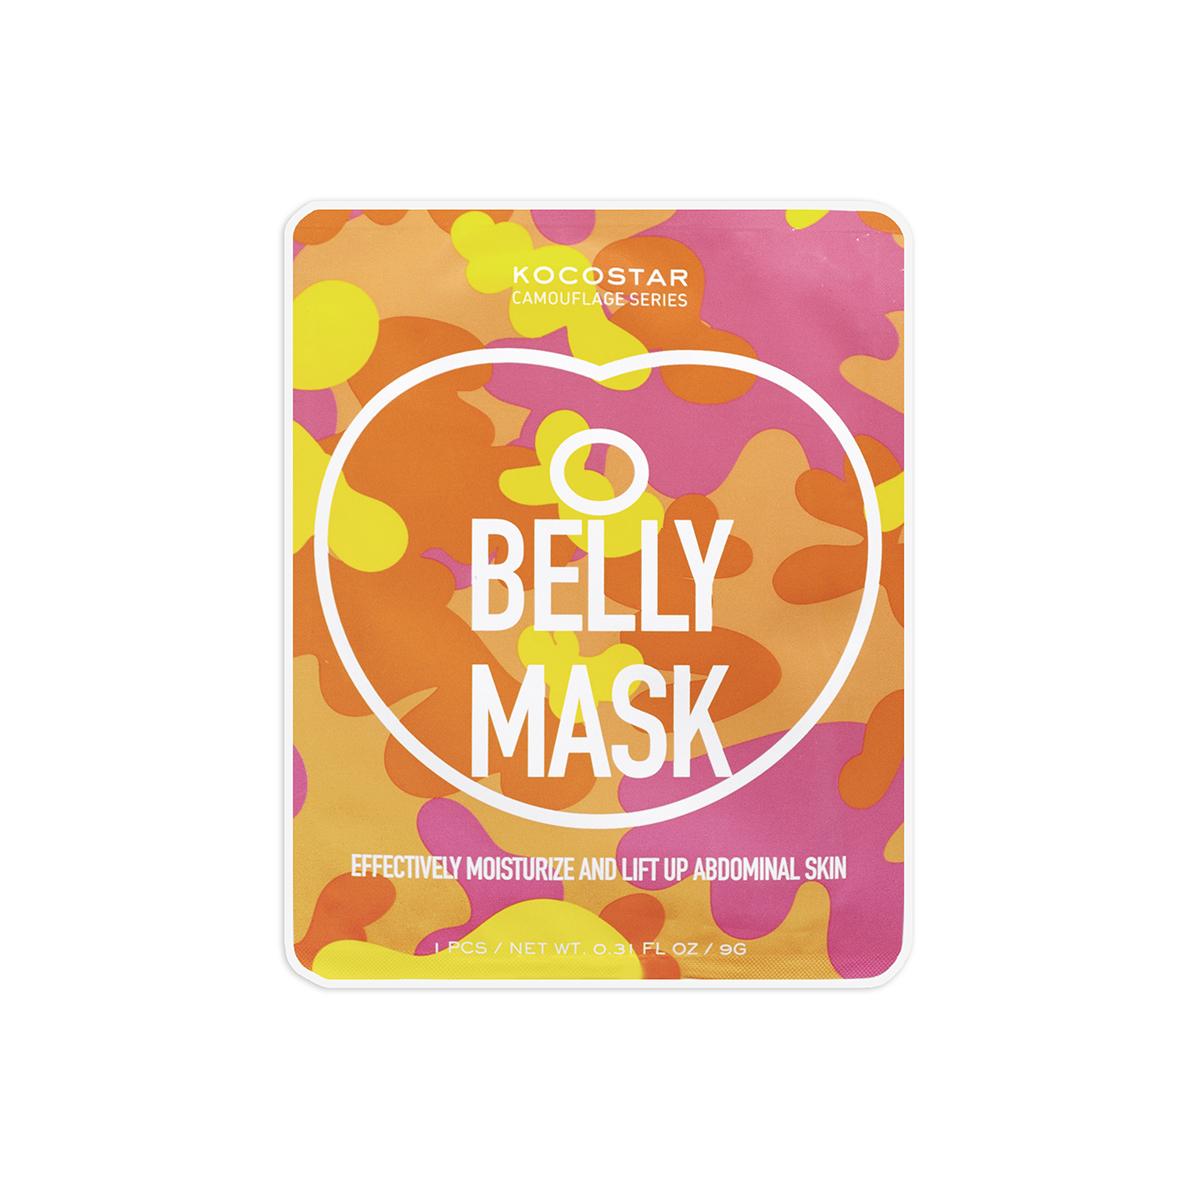 KOCOSTAR Маска для живота с термо эффектом для похудения / Camouflage Belly Mask 9 г - Маски